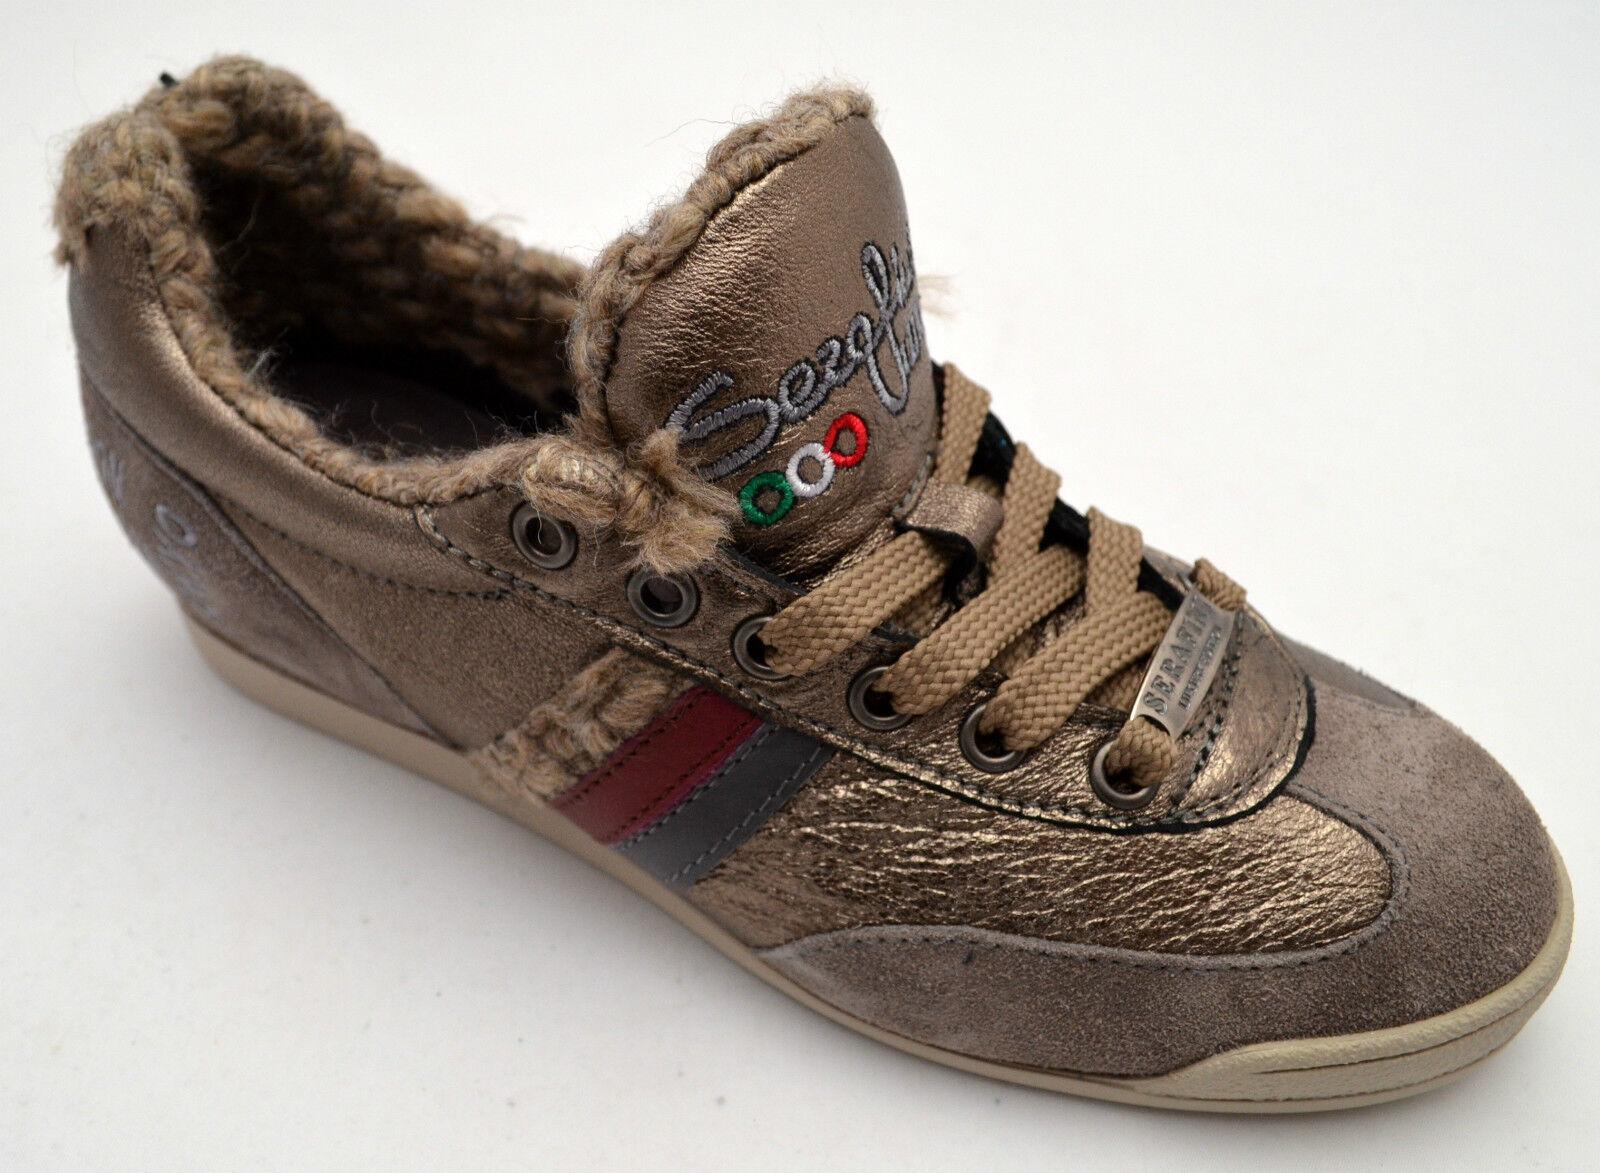 Serafini Taupe zapatos zapatillas pelle zapatos mujer Mujer Nere Luxury Taupe Serafini 1355 Lamè New d3fd2e